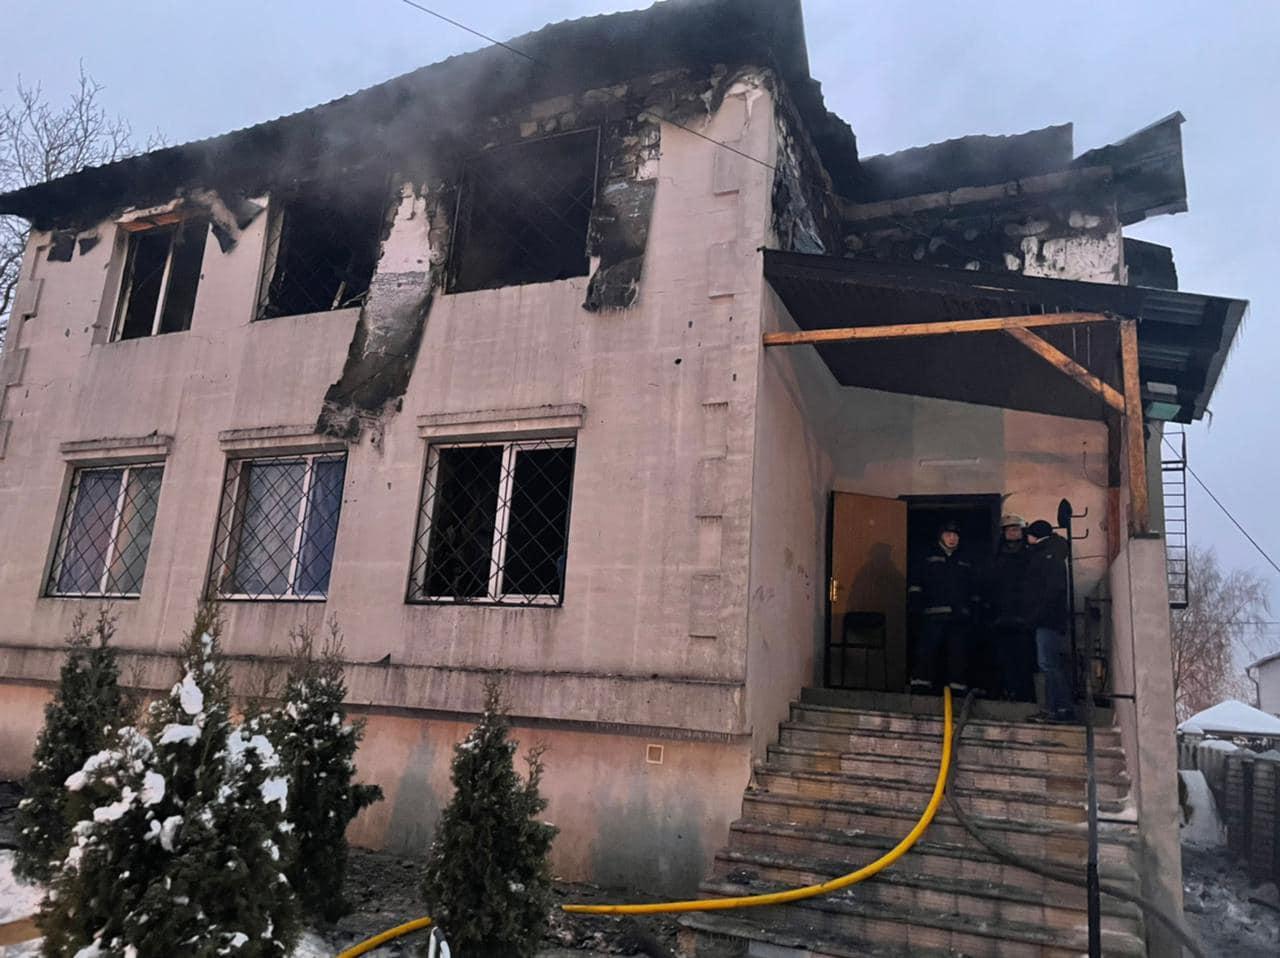 Масштабна пожежа у Харкові: назвали вірогідні причини загоряння - смерть, пожежа, масштабна пожежа, літні люди, загиблі - 140635255 214438113651839 1088564582074364314 o